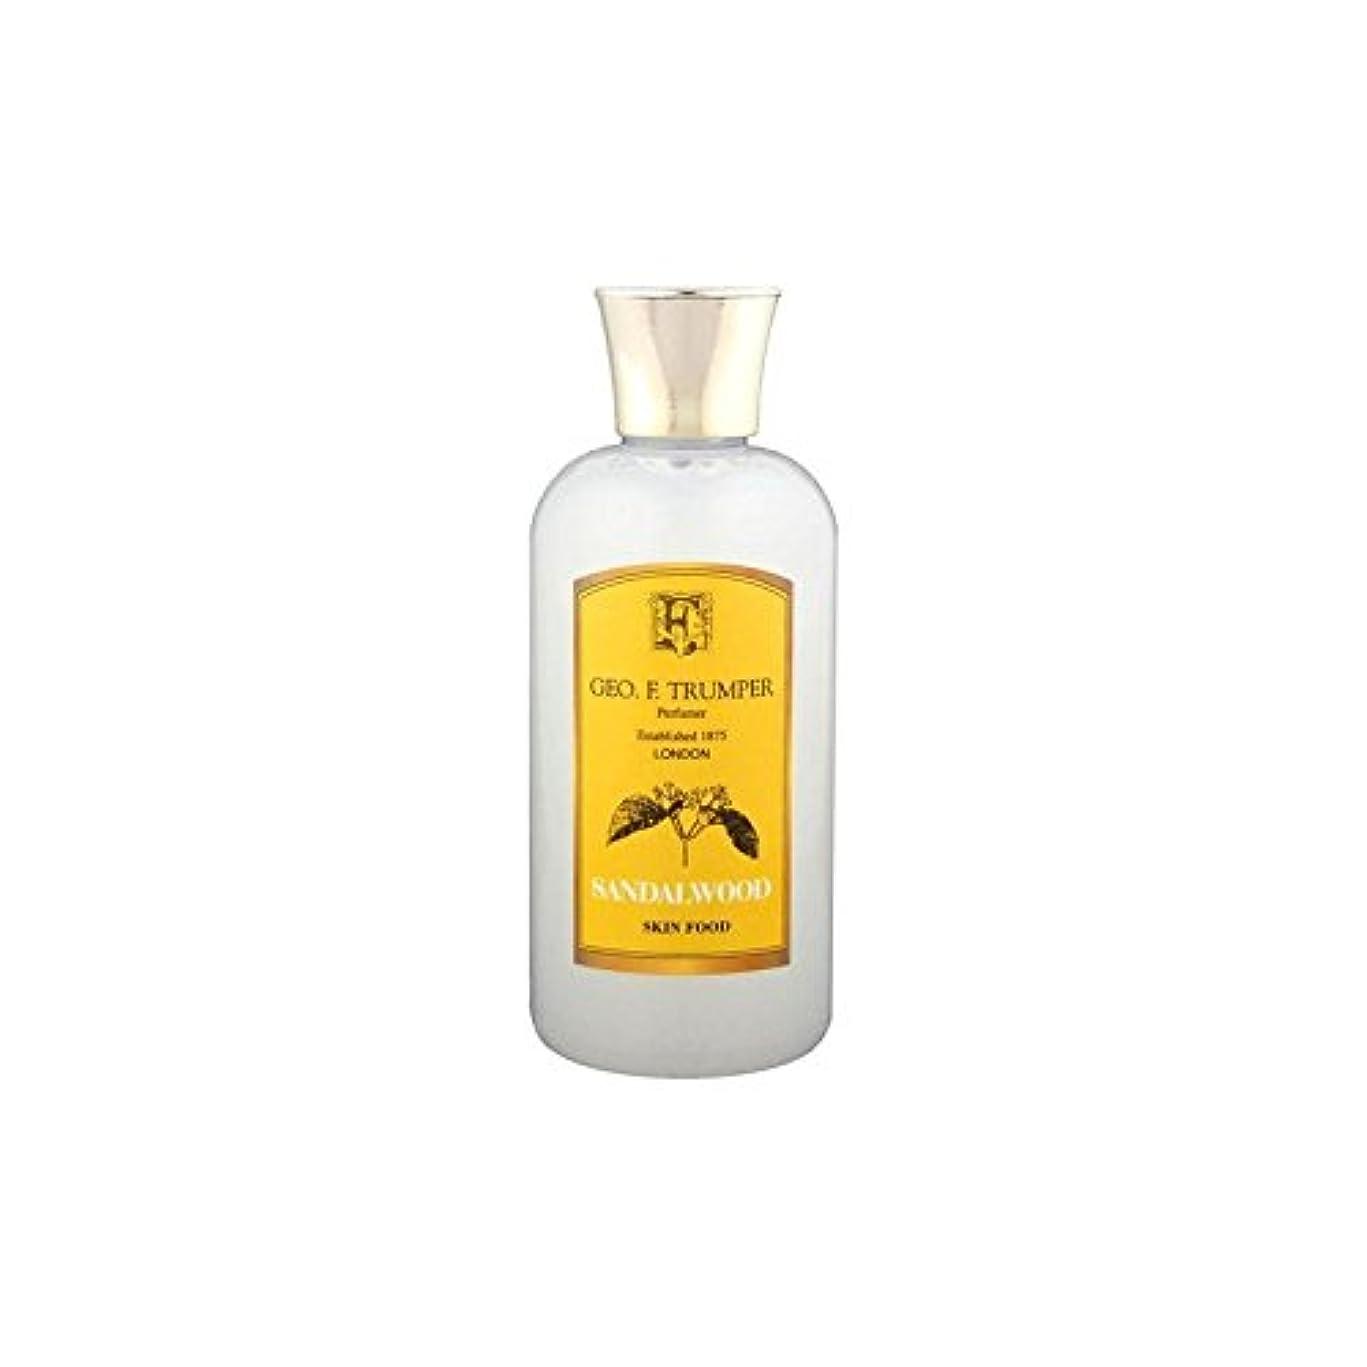 パステル製品ポットサンダルウッドスキンフード - 100ミリリットル旅 x4 - Trumpers Sandalwood Skin Food - 100ml Travel (Pack of 4) [並行輸入品]